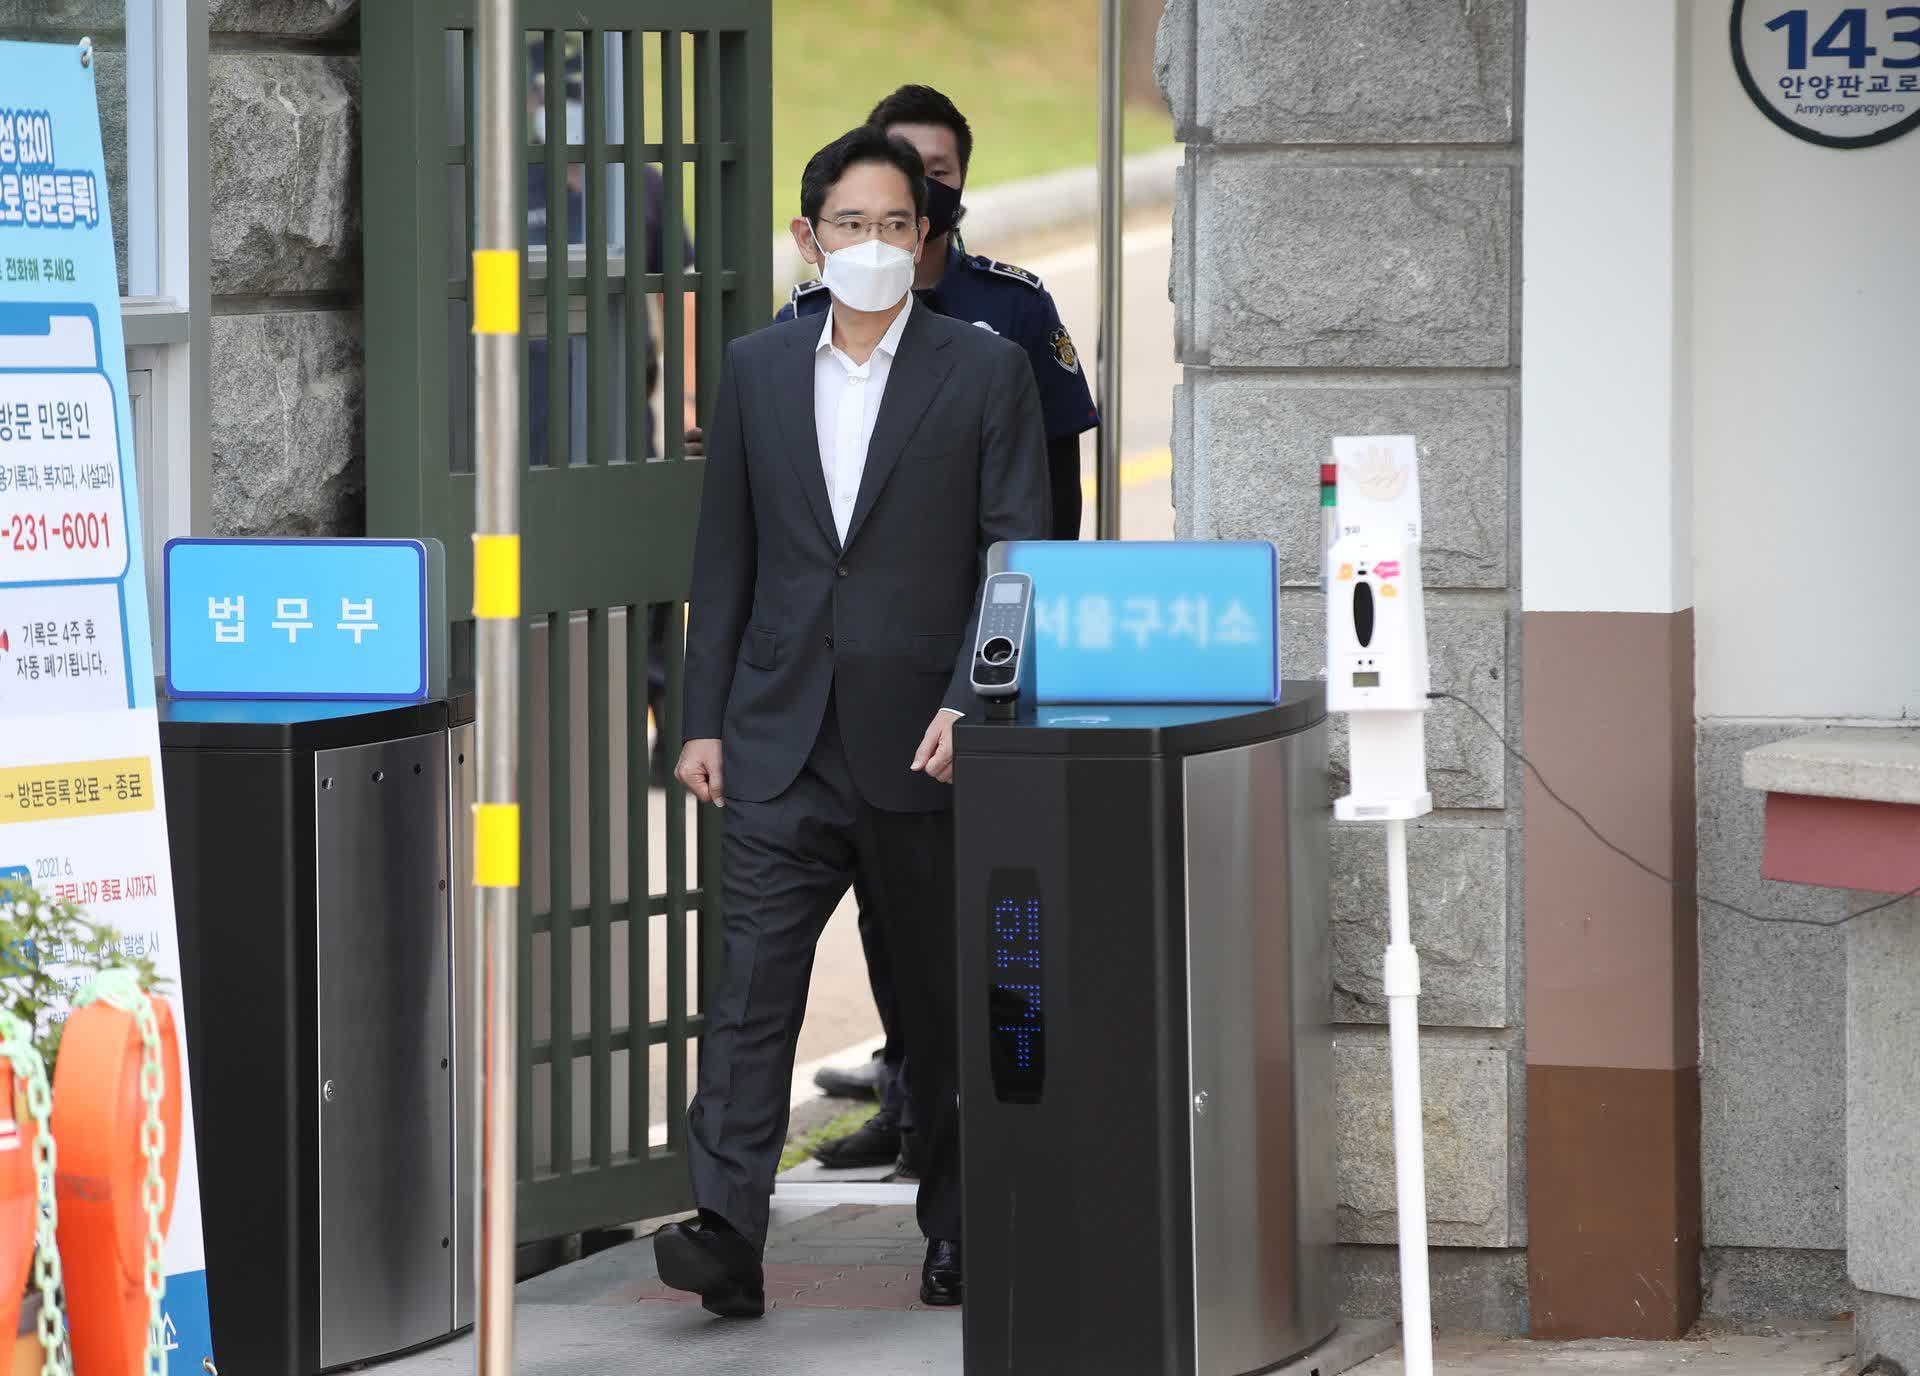 Le vice president de Samsung sort de prison et retourne a